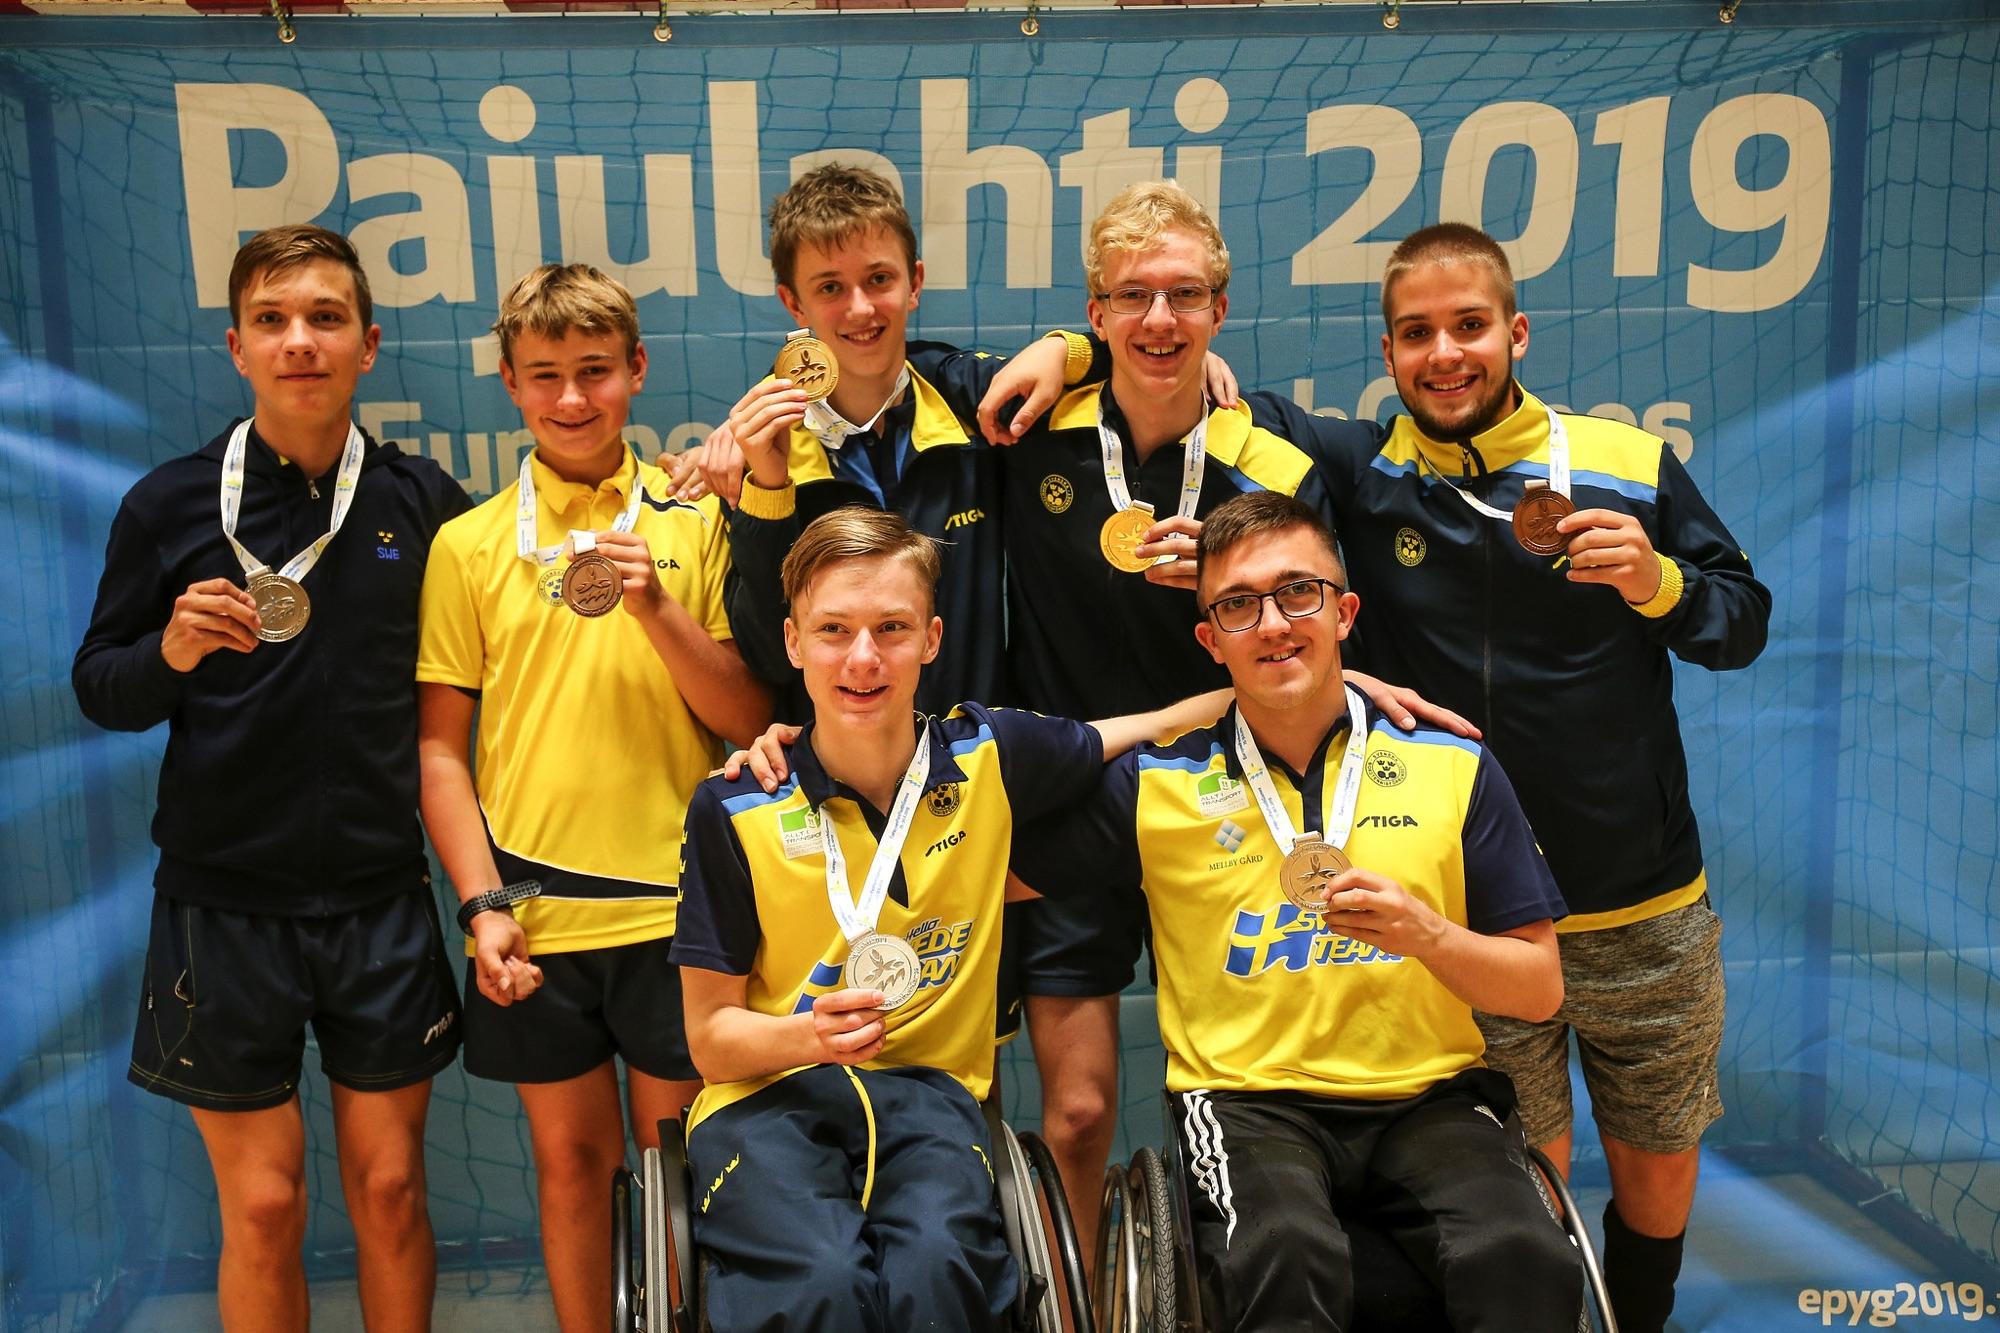 Medaljregn över svenska bordtennisspelaren i European Para Youth Games 2019 i Finland.